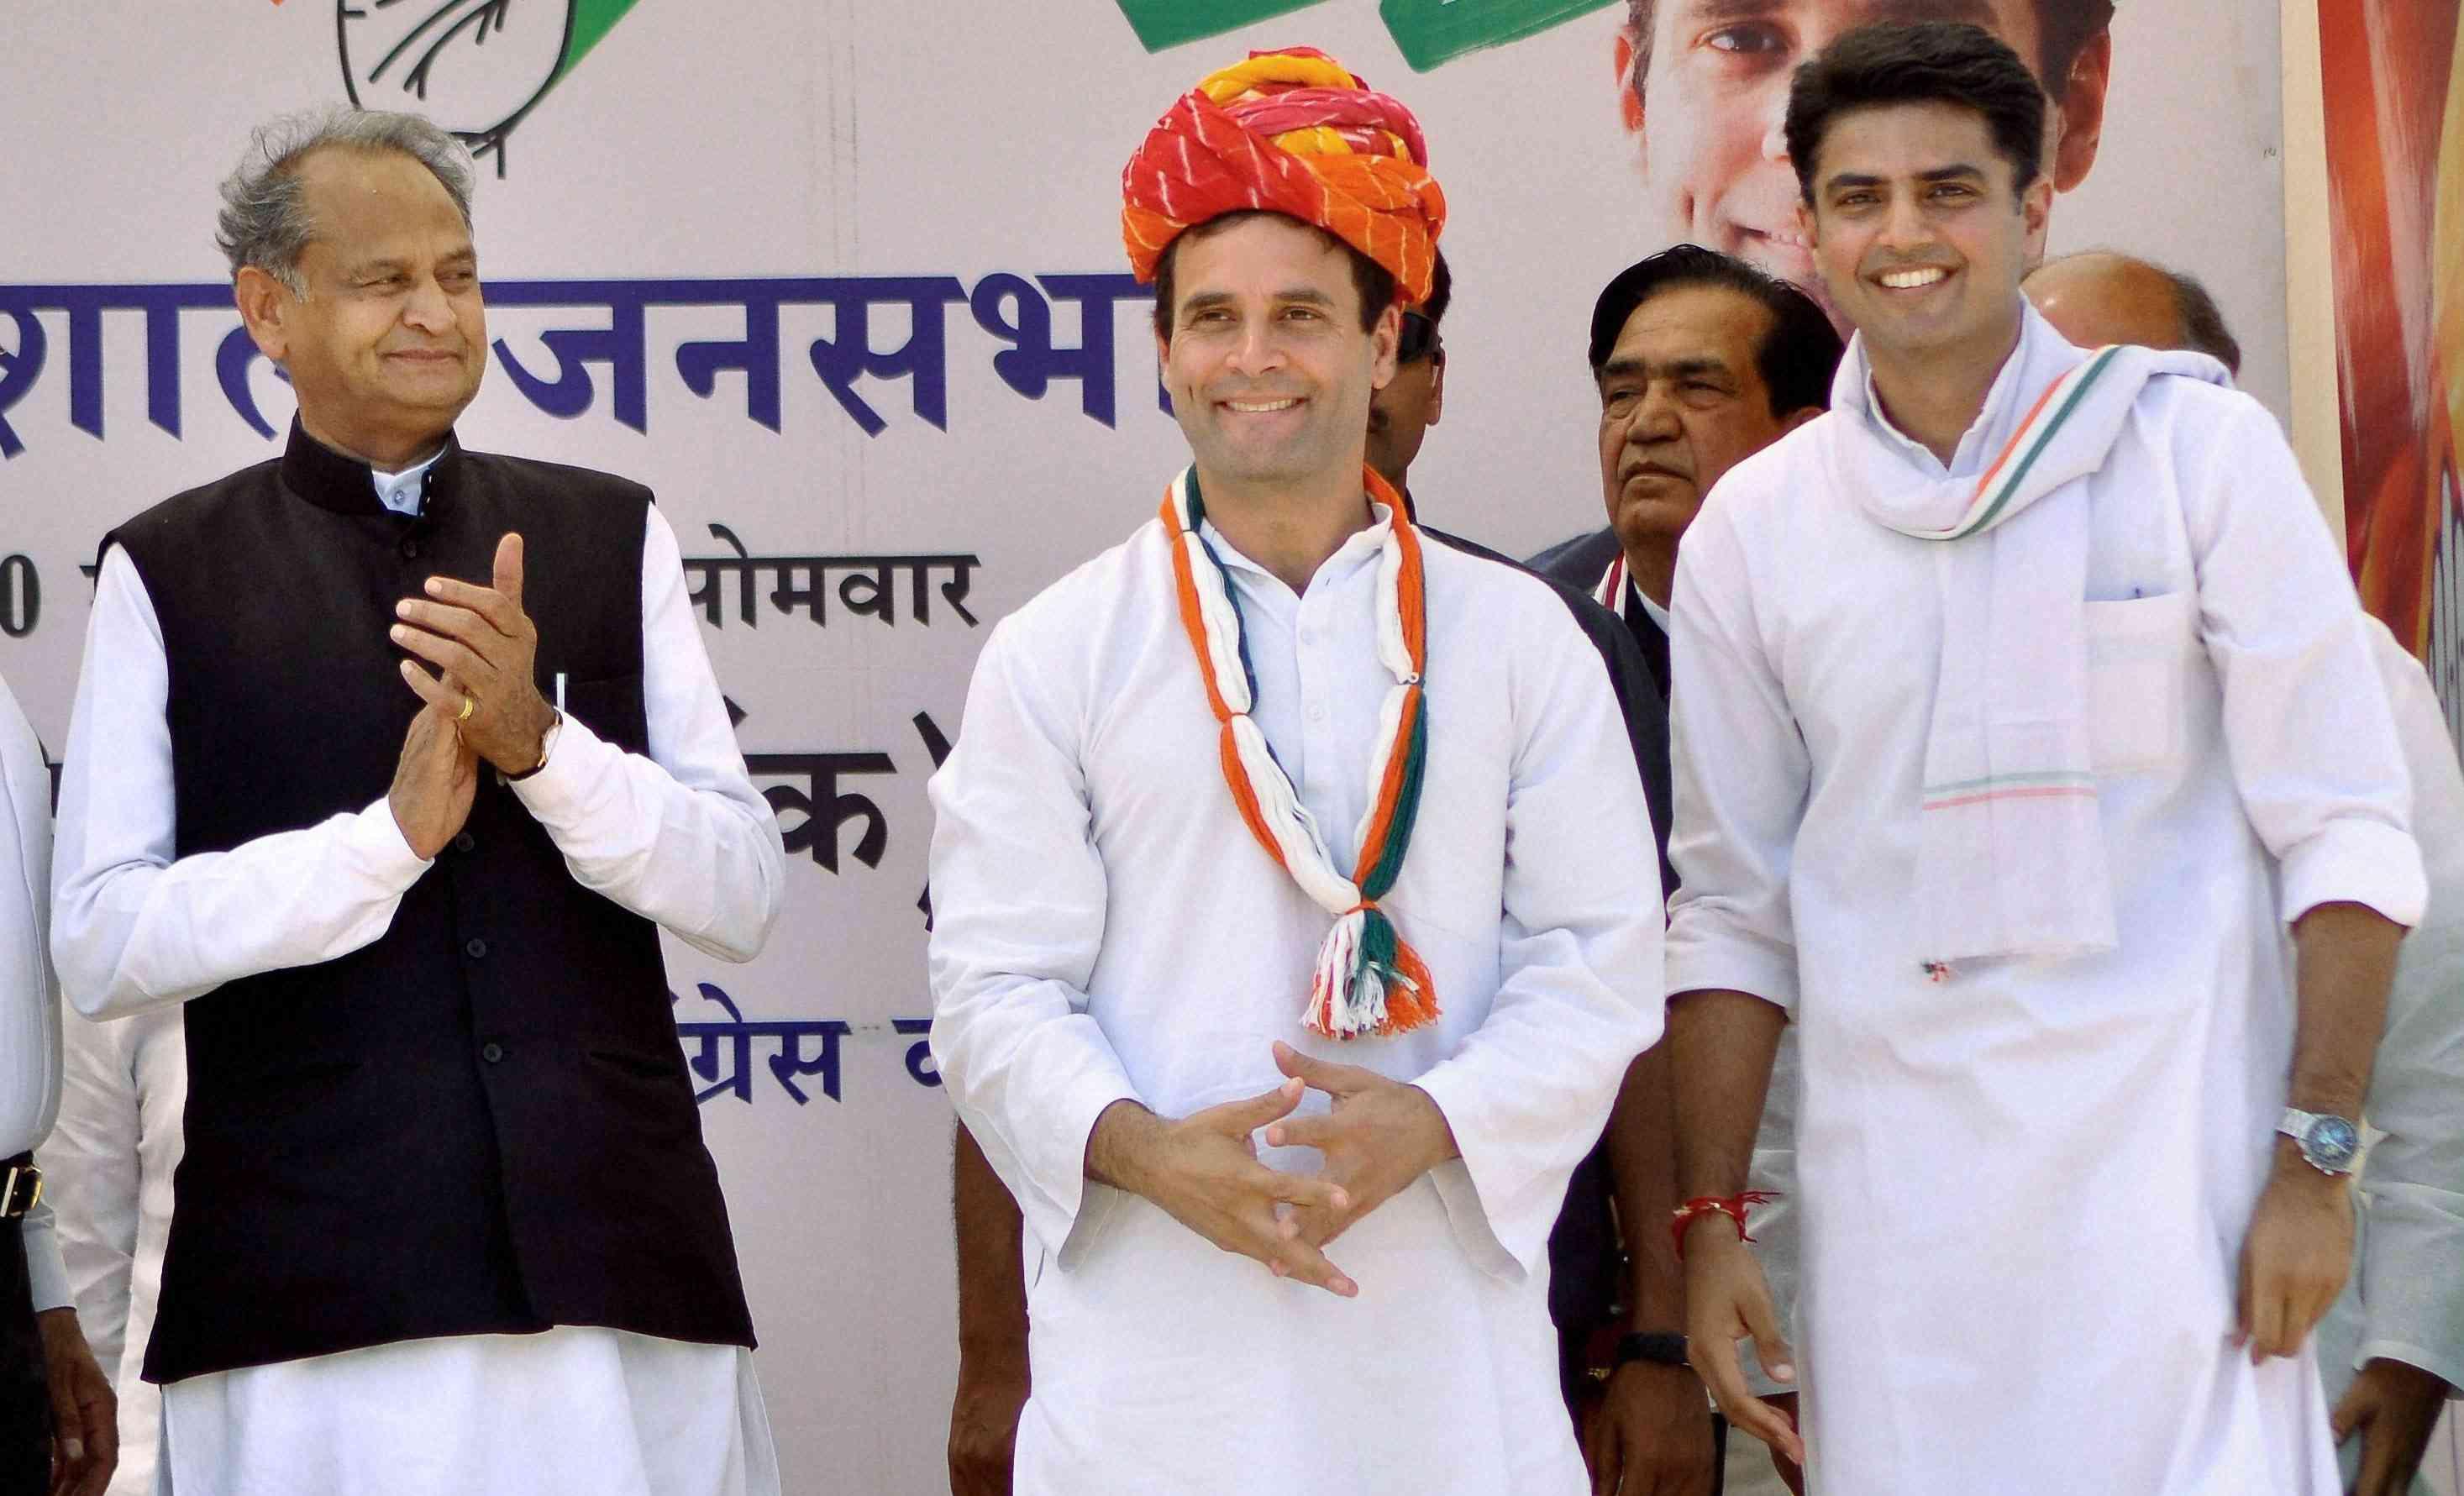 Rajasthan Congress Rahul Gandhi Sachin Pilot Ashok Gehlot